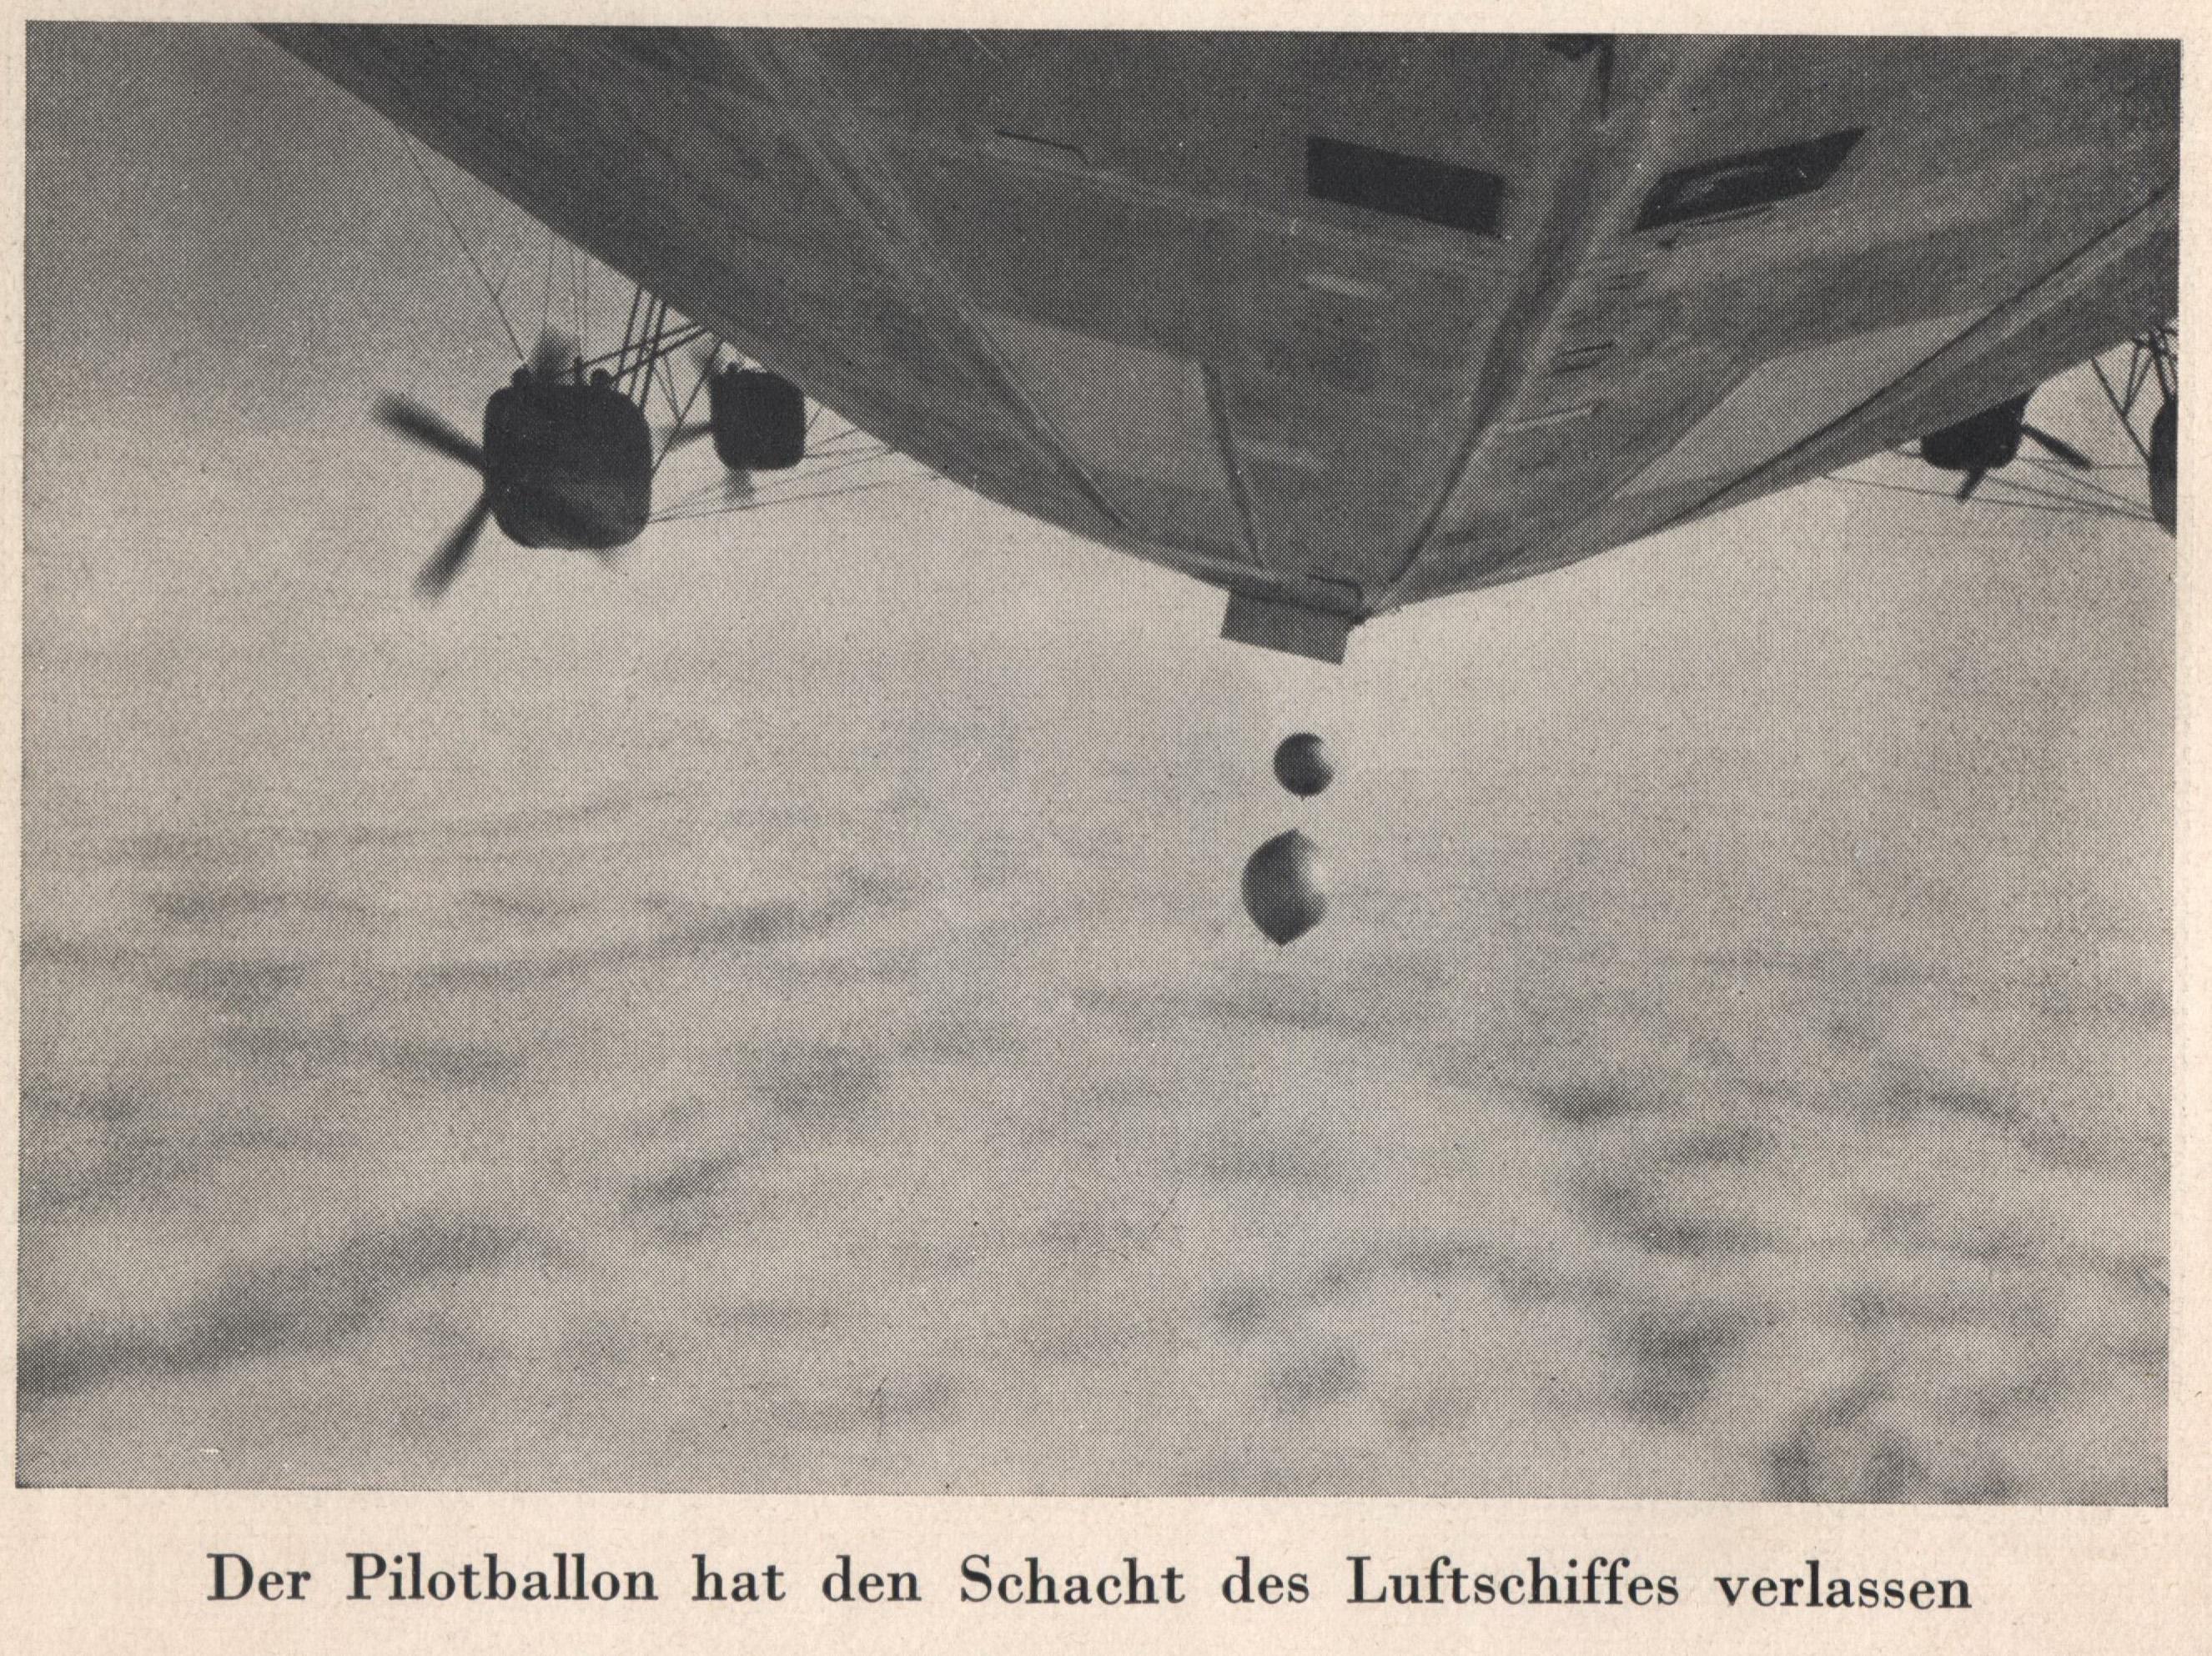 """28 июля 1931 года, 11:10. Запуск второго радиозонда с """"Графа Цеппелина""""."""